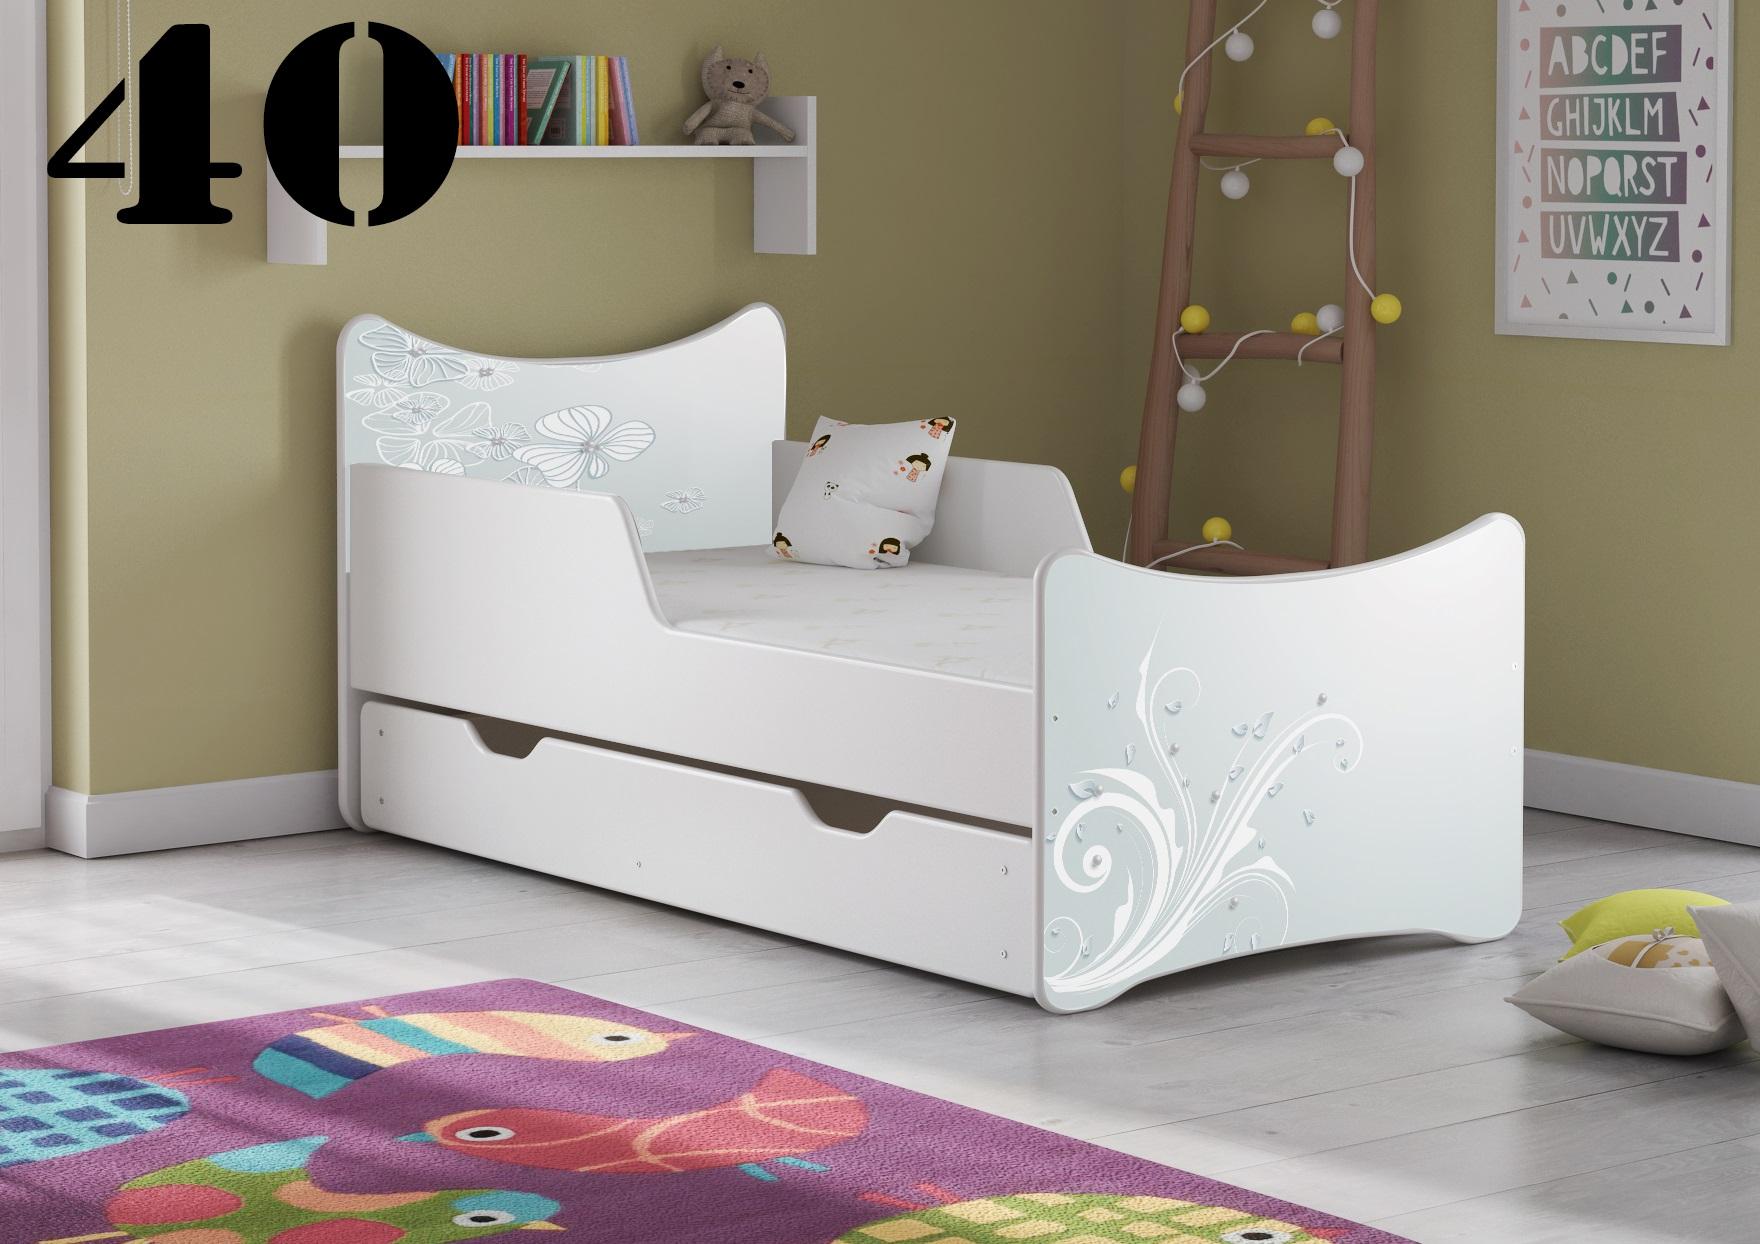 Detská posteľ SMB Pes a mačka 16 Prevedenie: Obrázok č.40